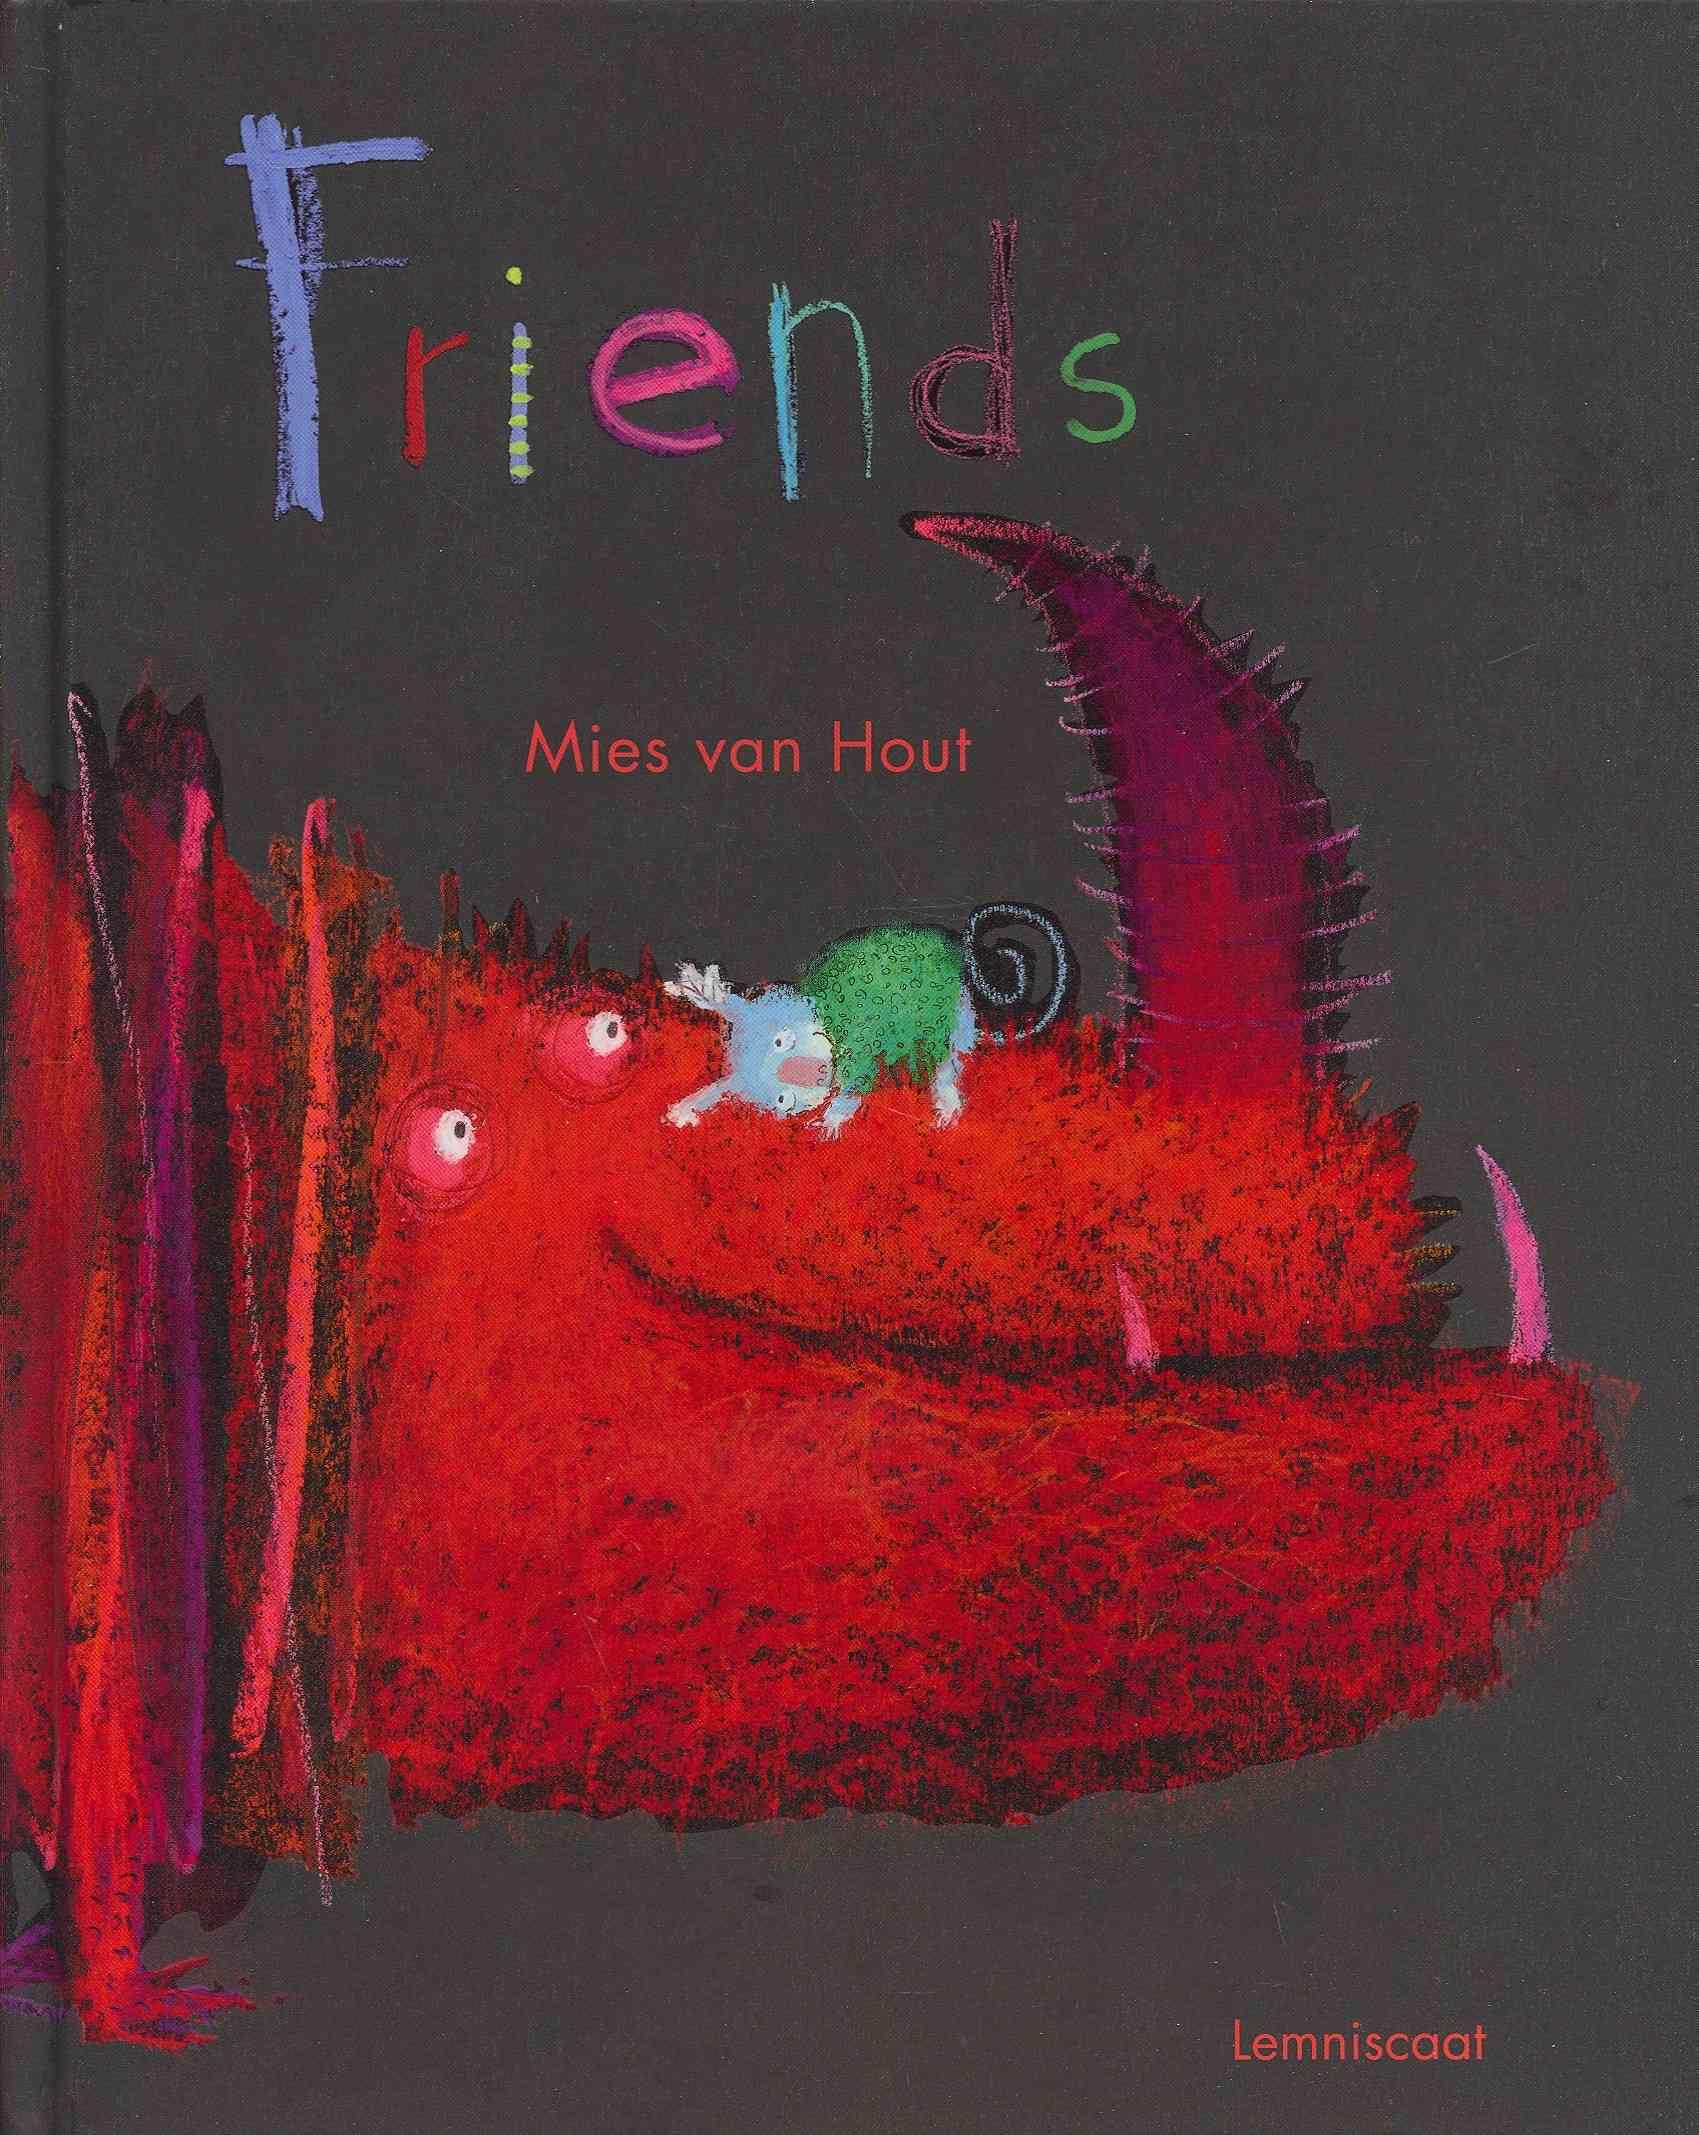 Friends By Van Hout, Mies